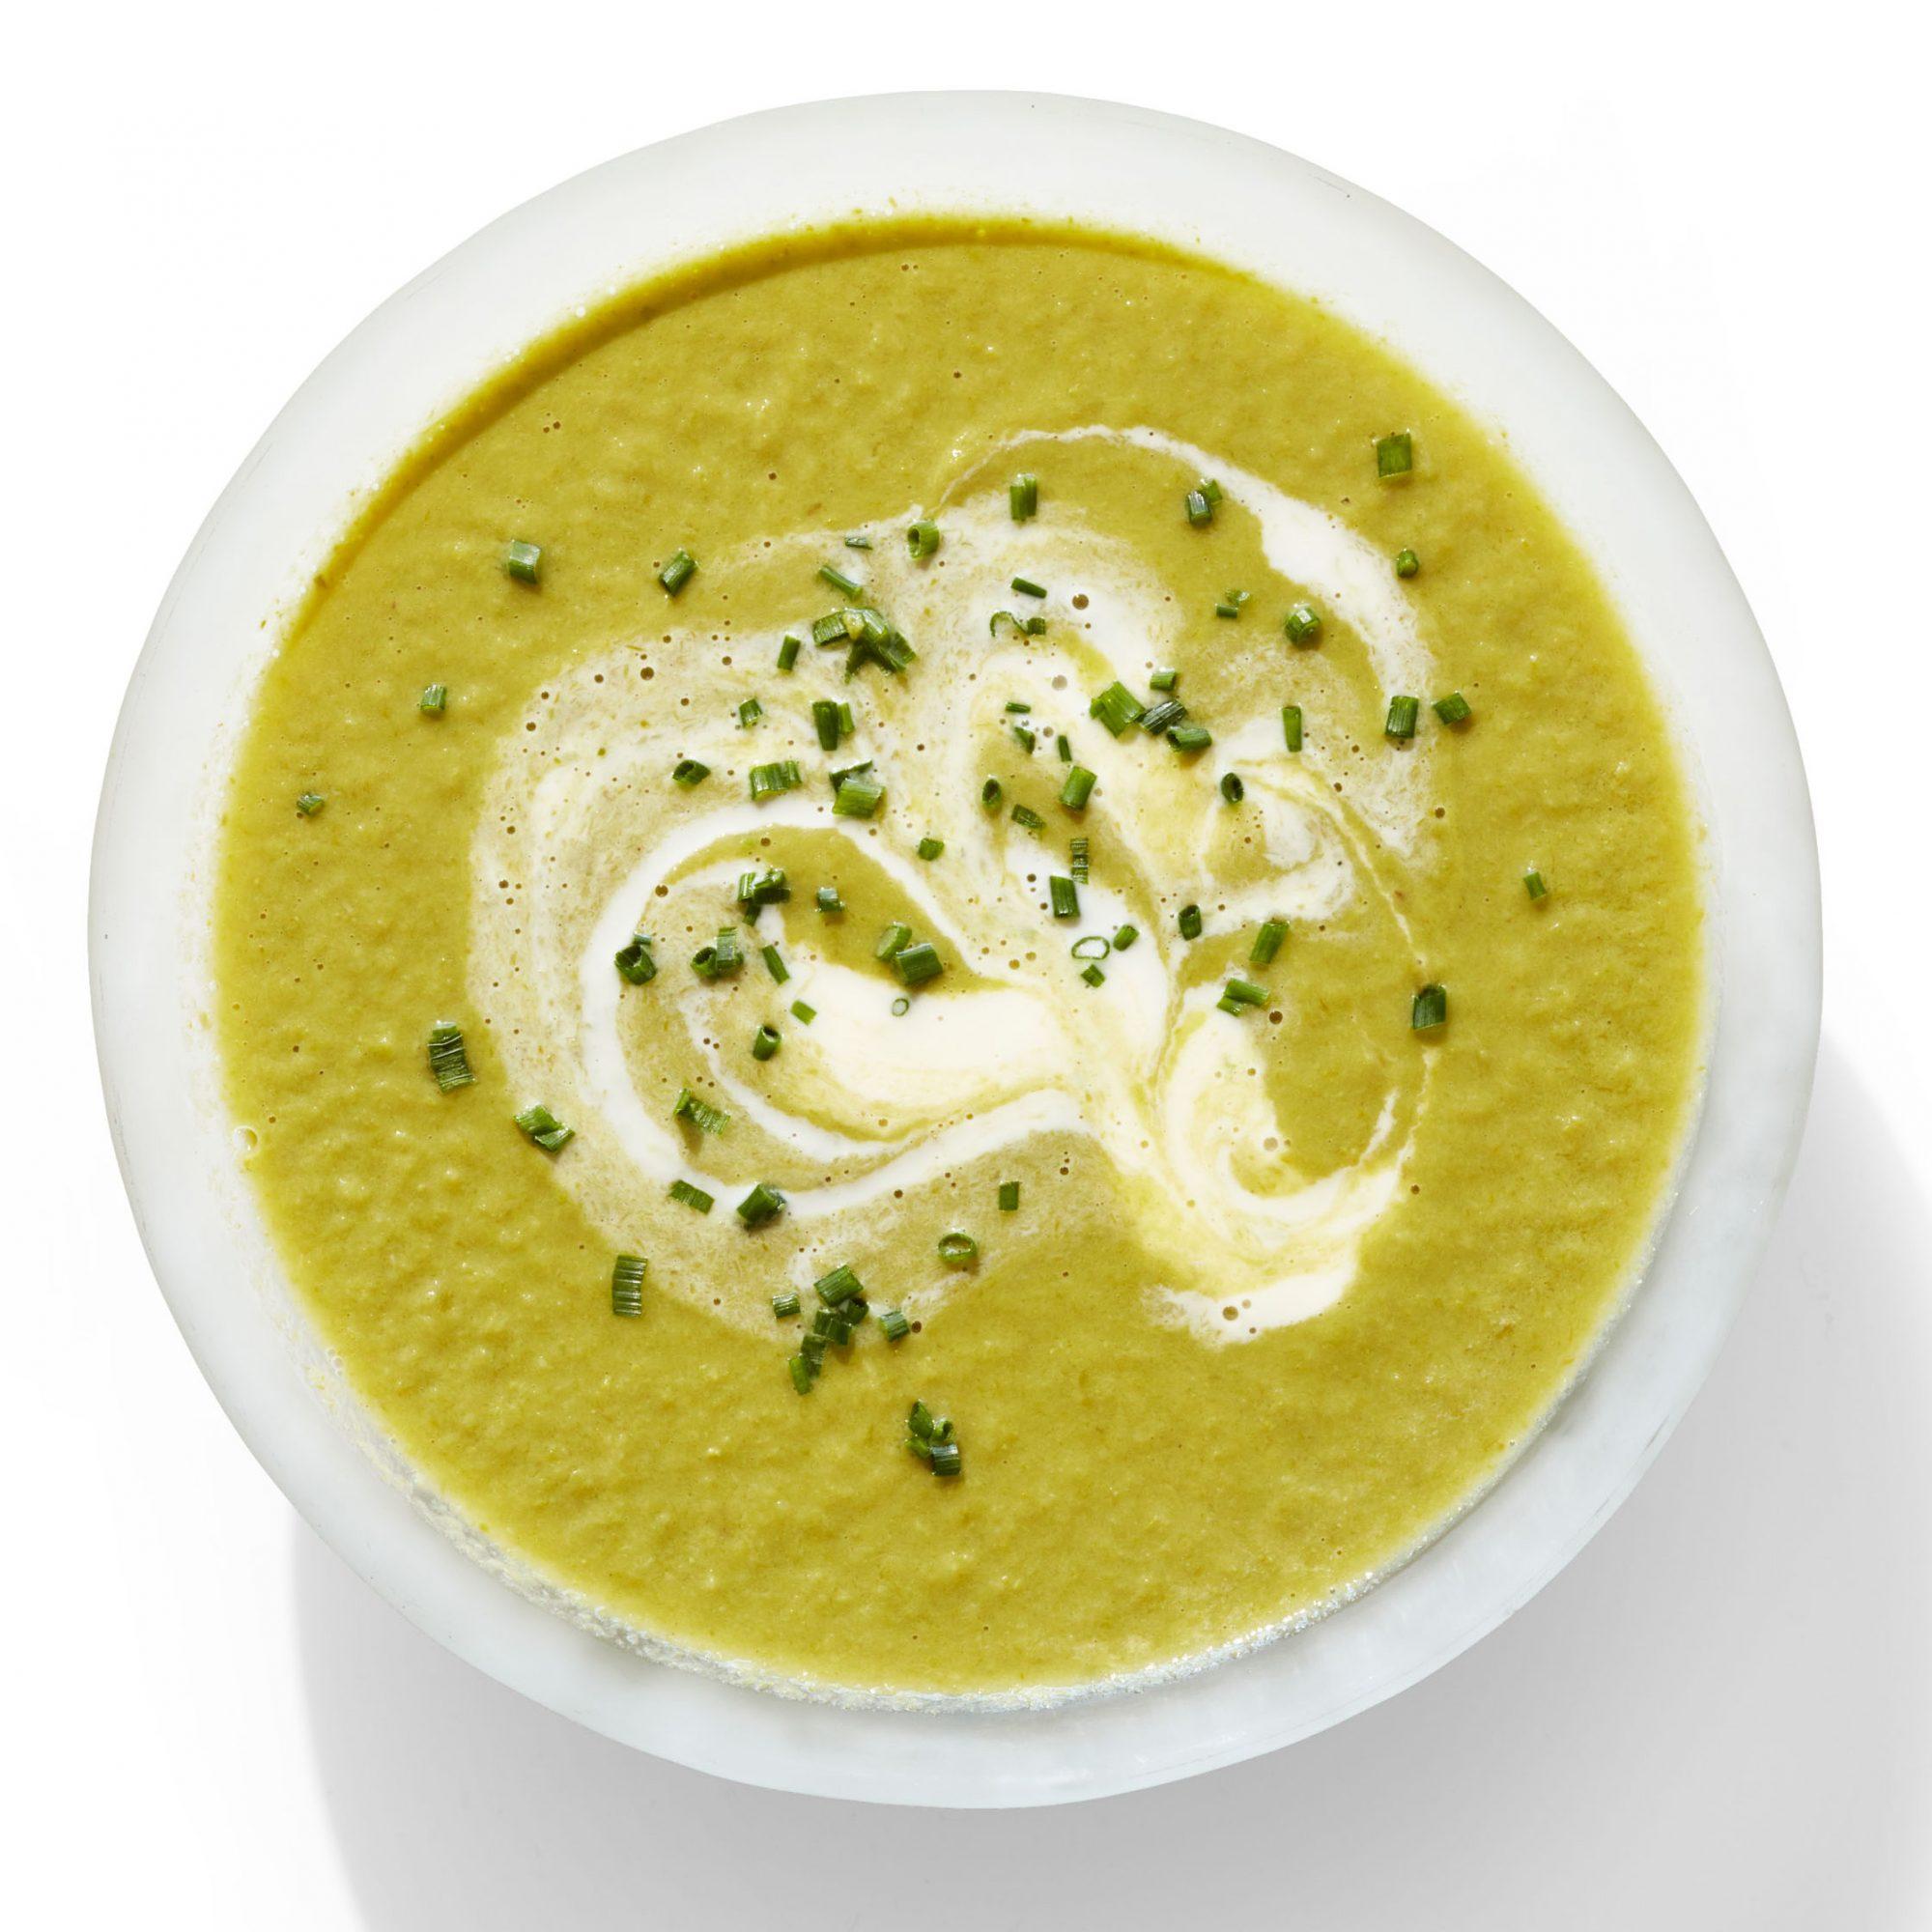 creamy asparagus soup with lime crème fraîche